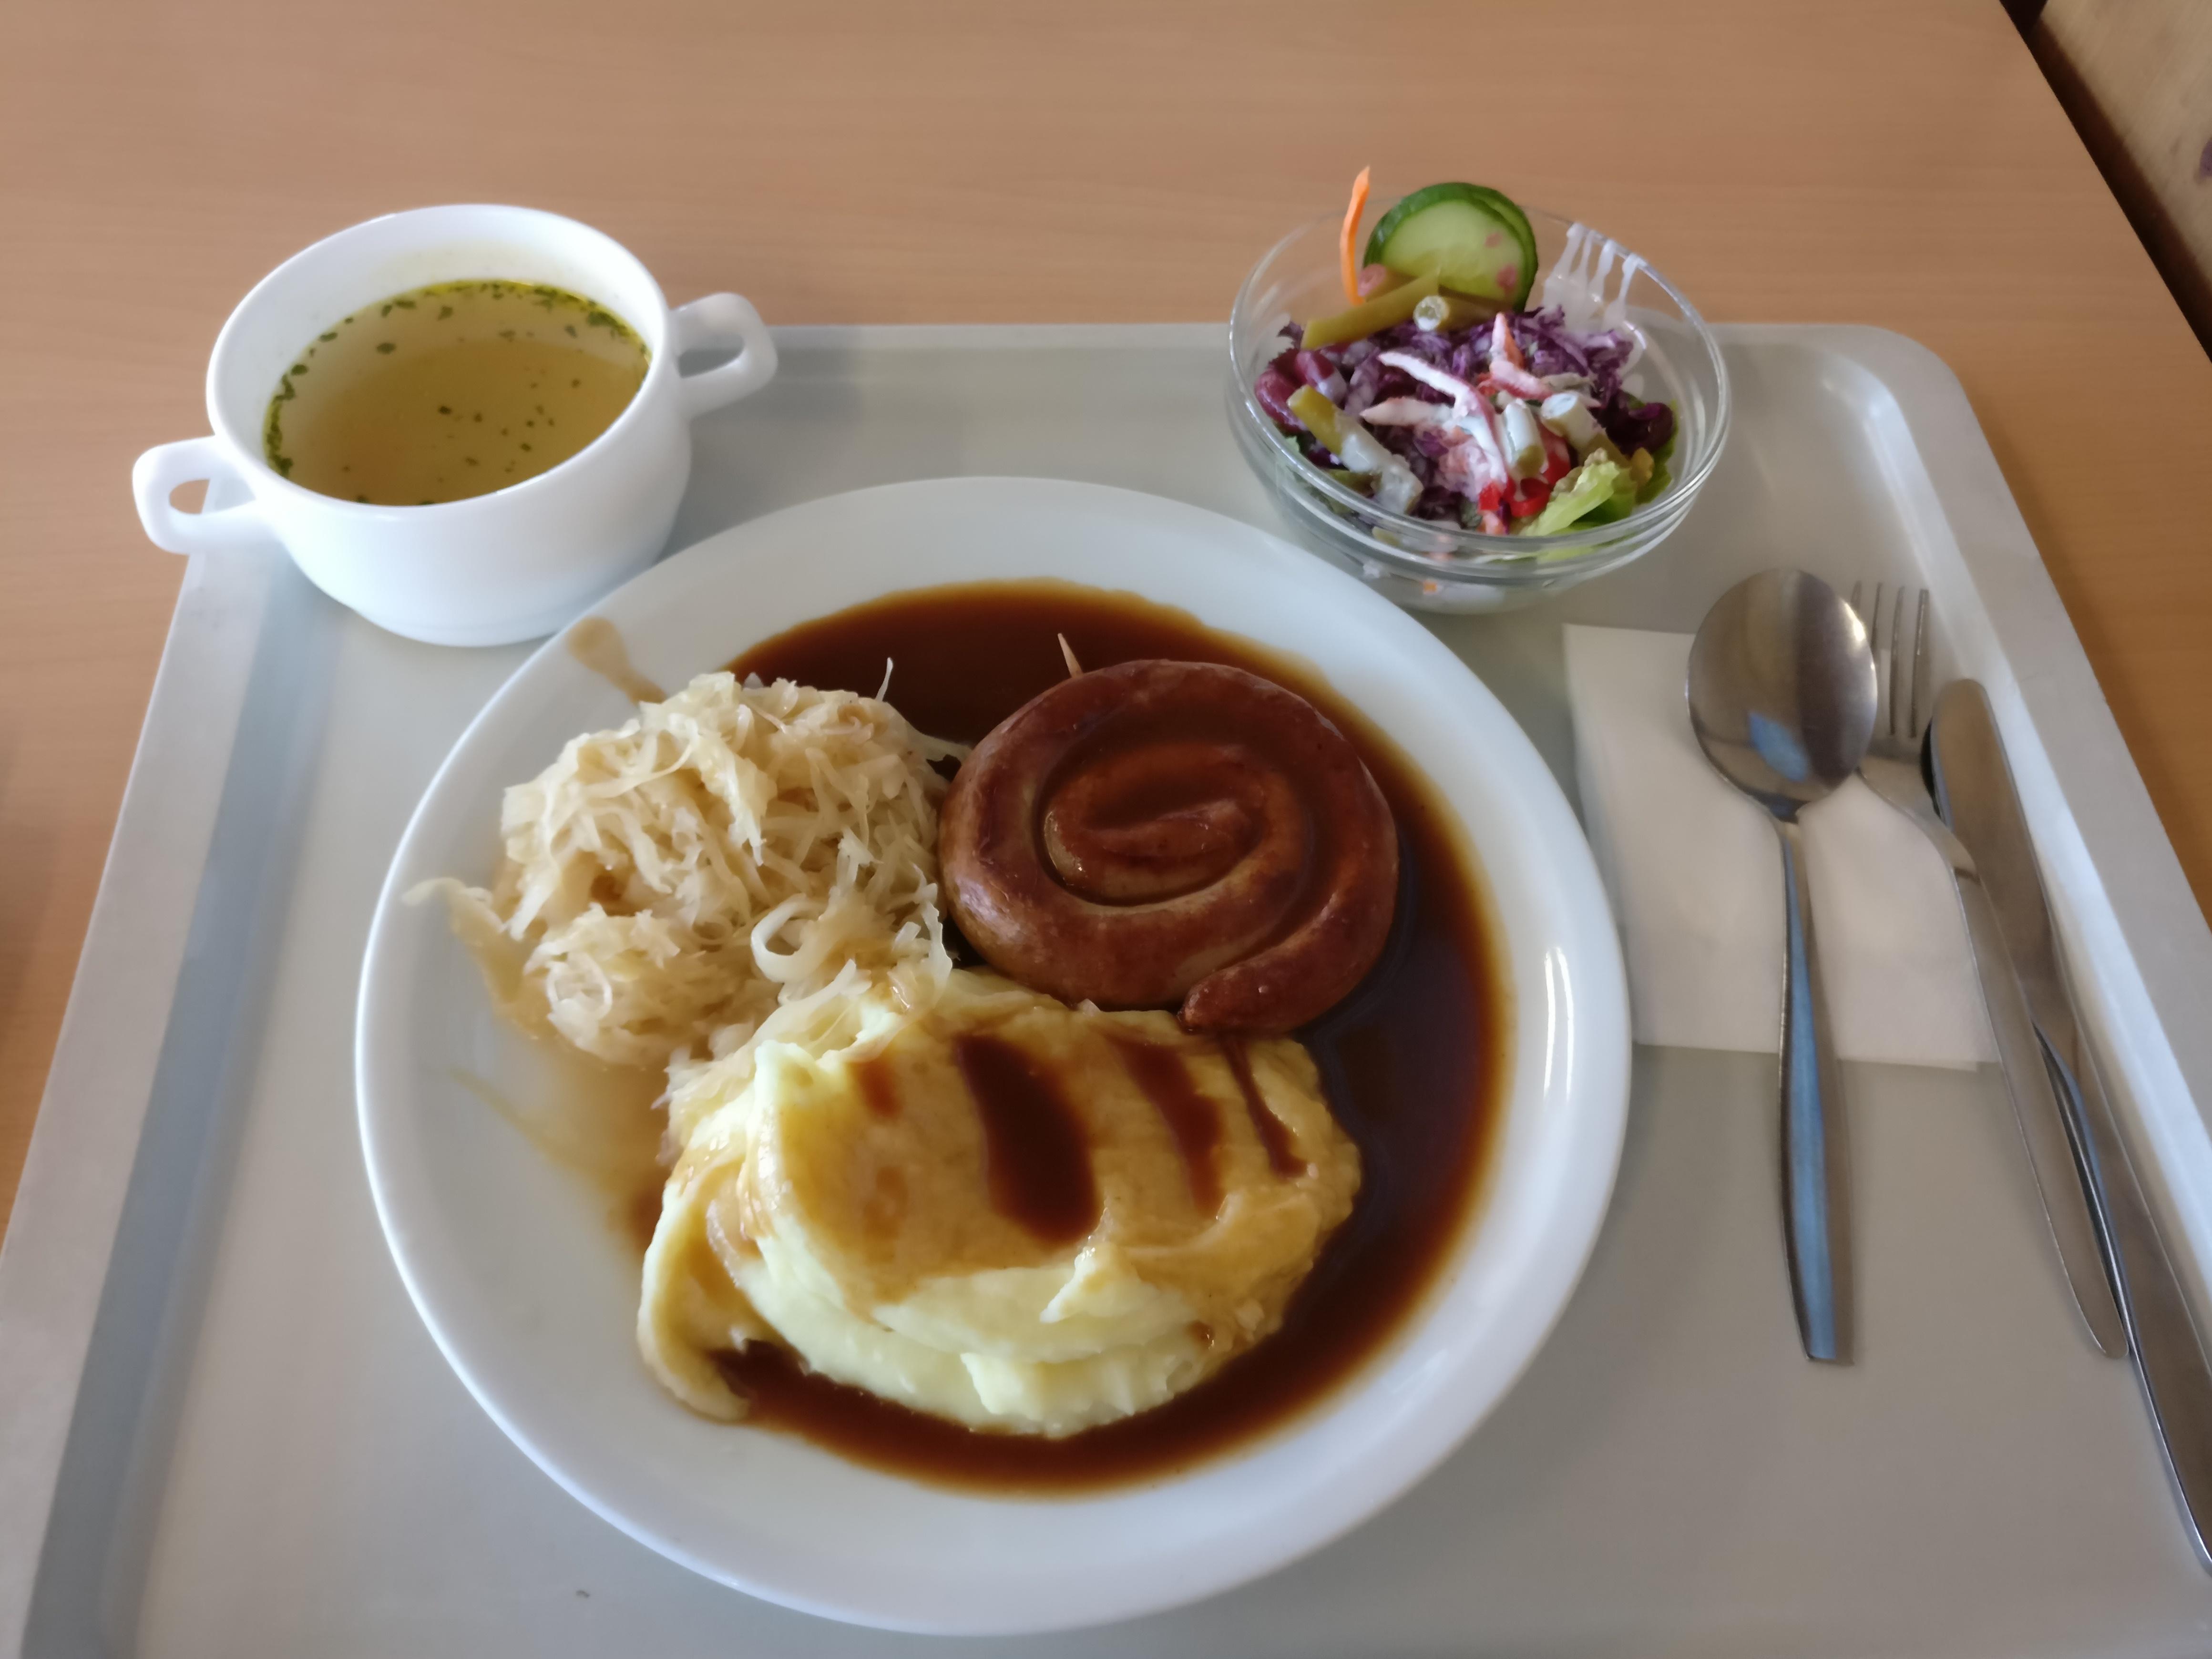 http://foodloader.net/nico_2017-05-10_bratwurstschnecke-kartoffelpuree-sauerkraut-suppe-salat.jpg